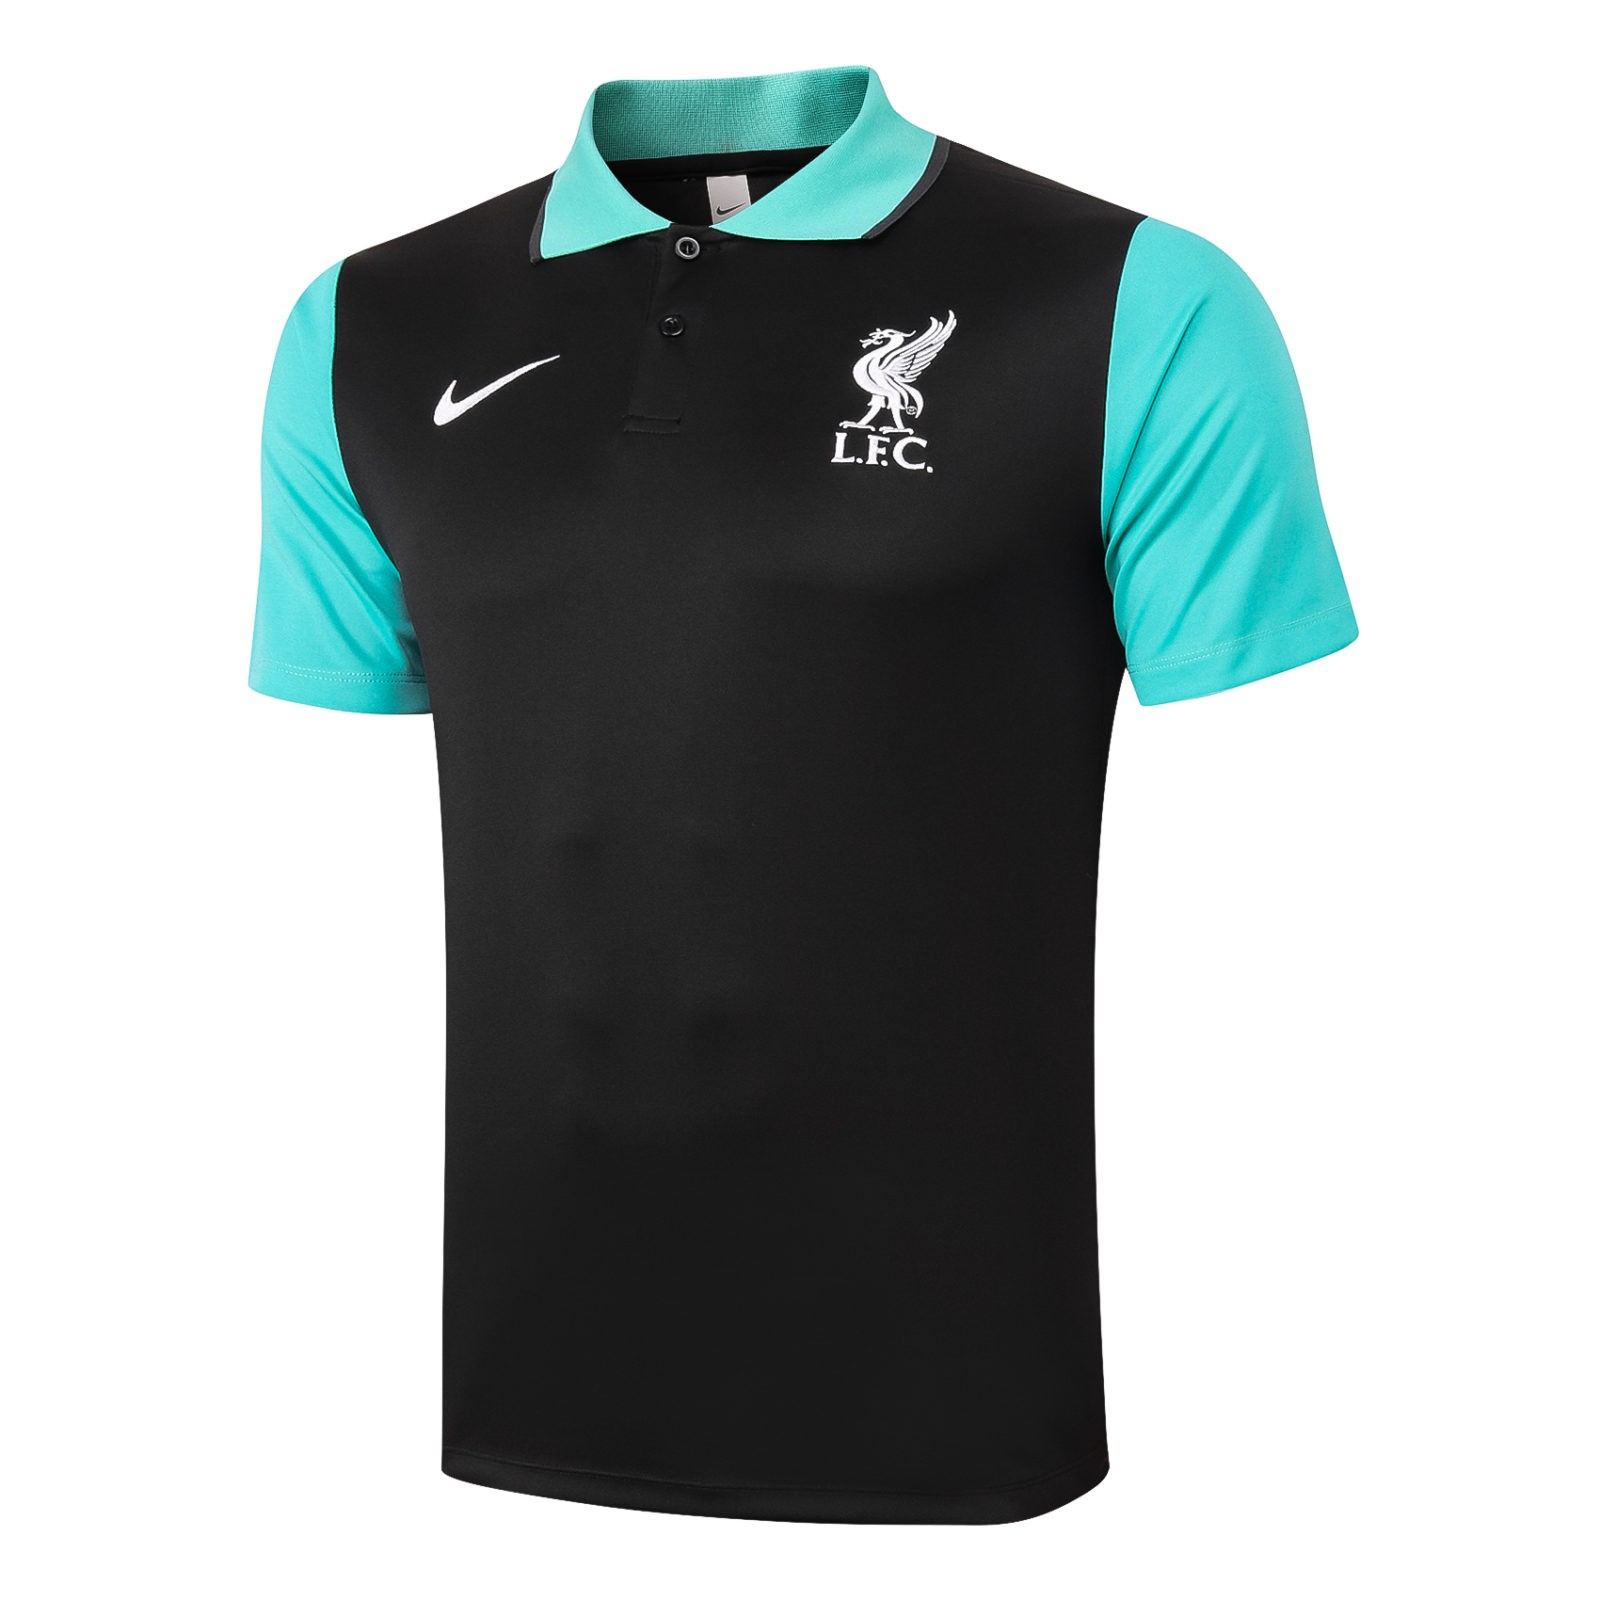 Футболка поло Ливерпуля сезон 2020-2021 (Чёрно-голубая)